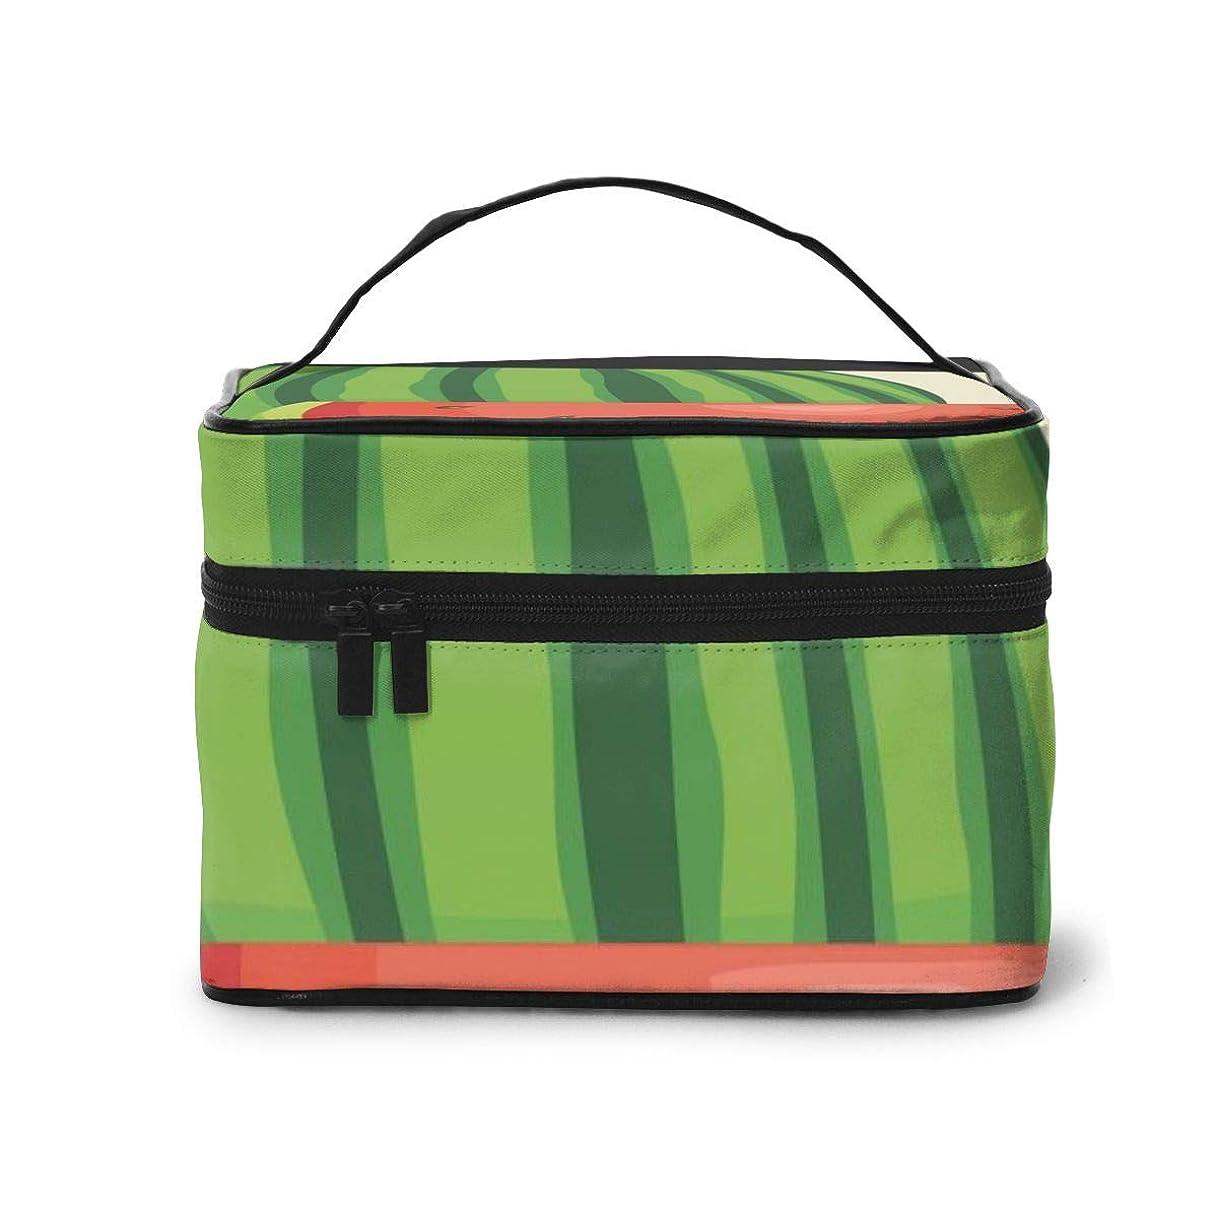 ホームレス成功ピーク化粧品バッグ 収納バッグ スイカ ウォッシュバッグ 化粧品収納ケース 収納ボックス 化粧品入れ パッケージ 化粧箱 大容量 軽量 ポータブル 旅行する 可愛い